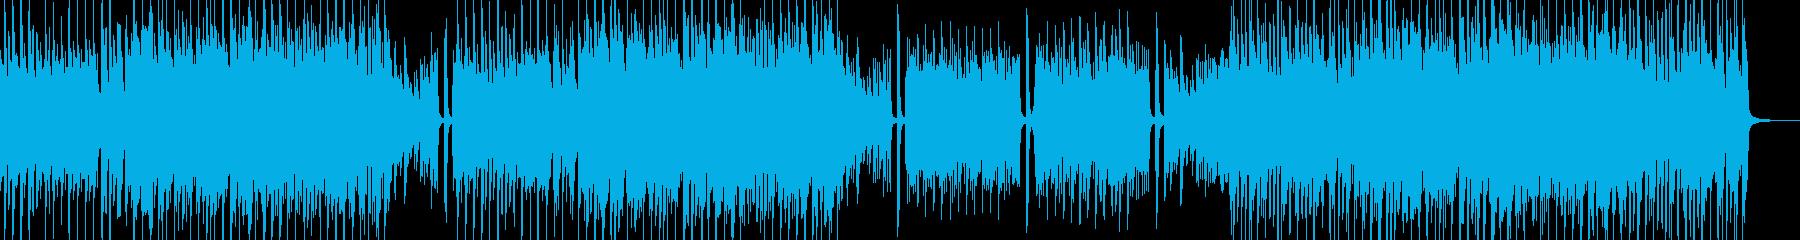 スマートポップ 打楽器無&ベース有の再生済みの波形